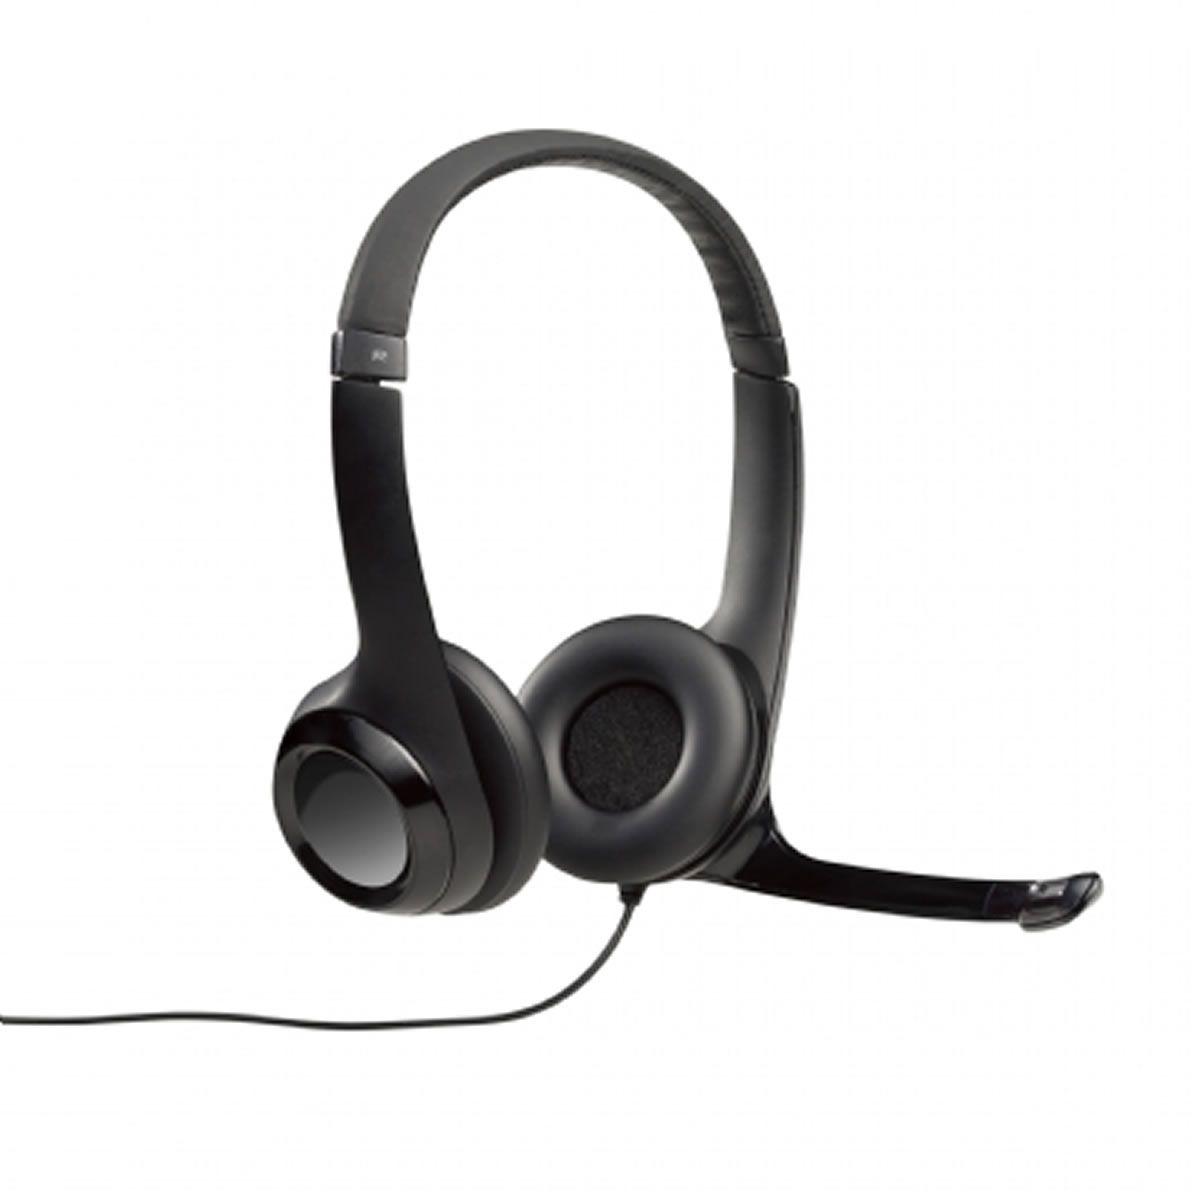 Headset Logitech H390 Áudio Digital em Couro Fone USB Preto